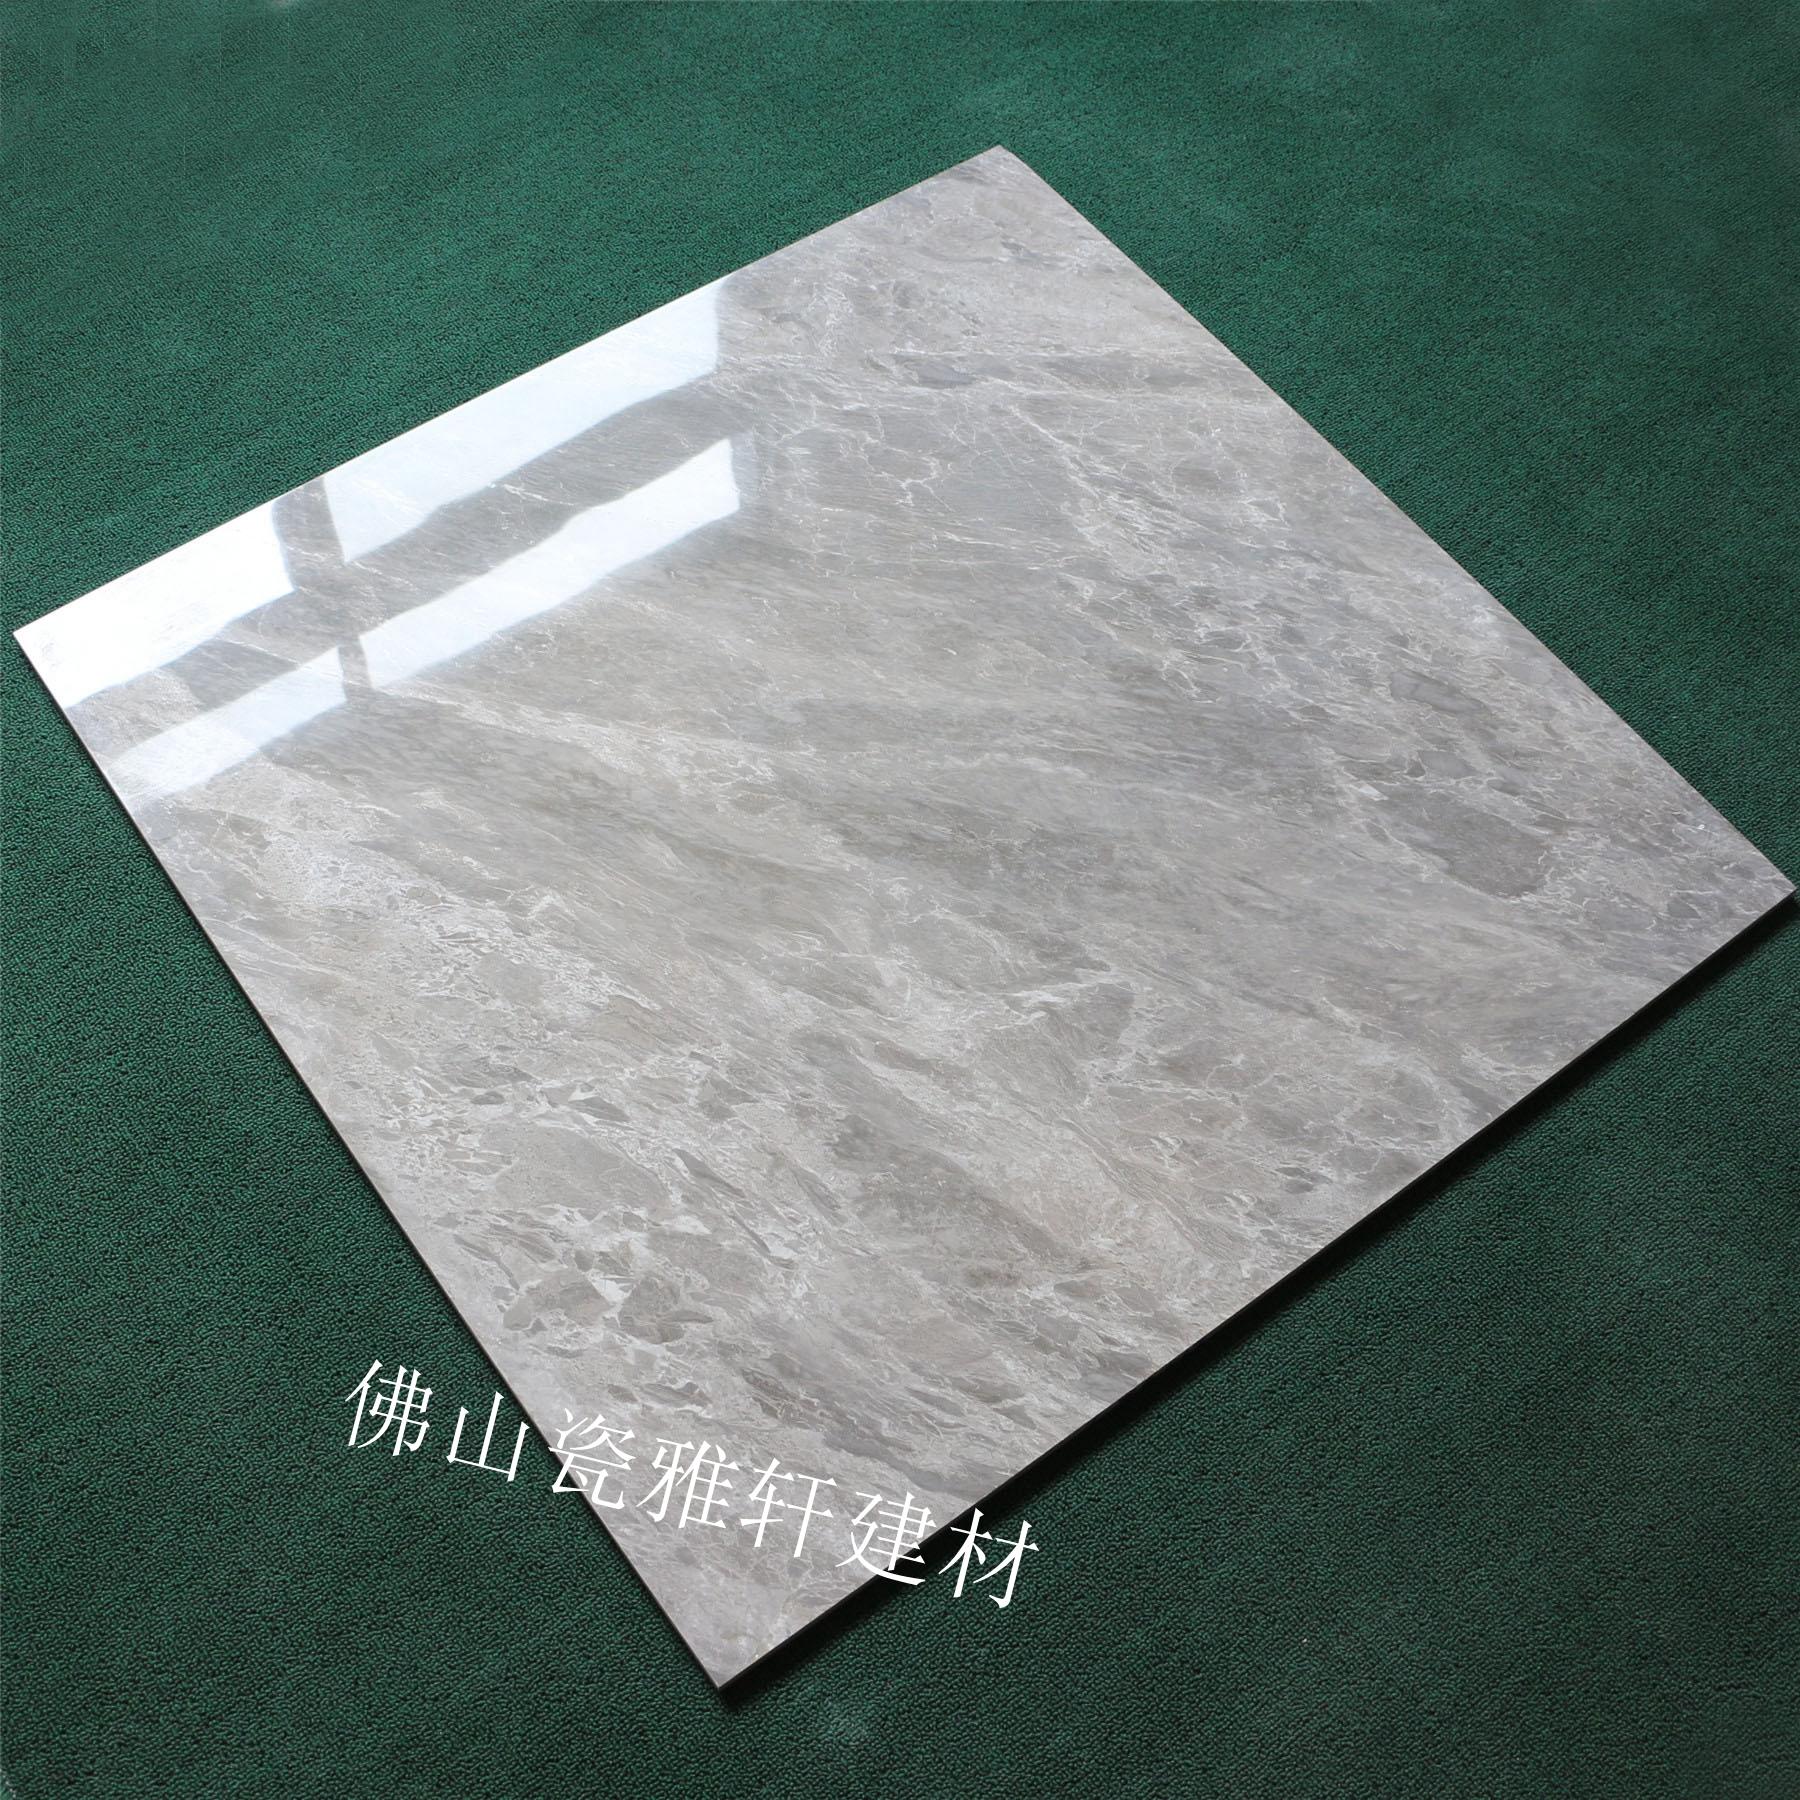 Заумный нигерия серый кинтана мрамор керамическая плитка кирпич 800X800 гостиная спальня противоскользящий износоустойчивый мрамор этаж кирпич